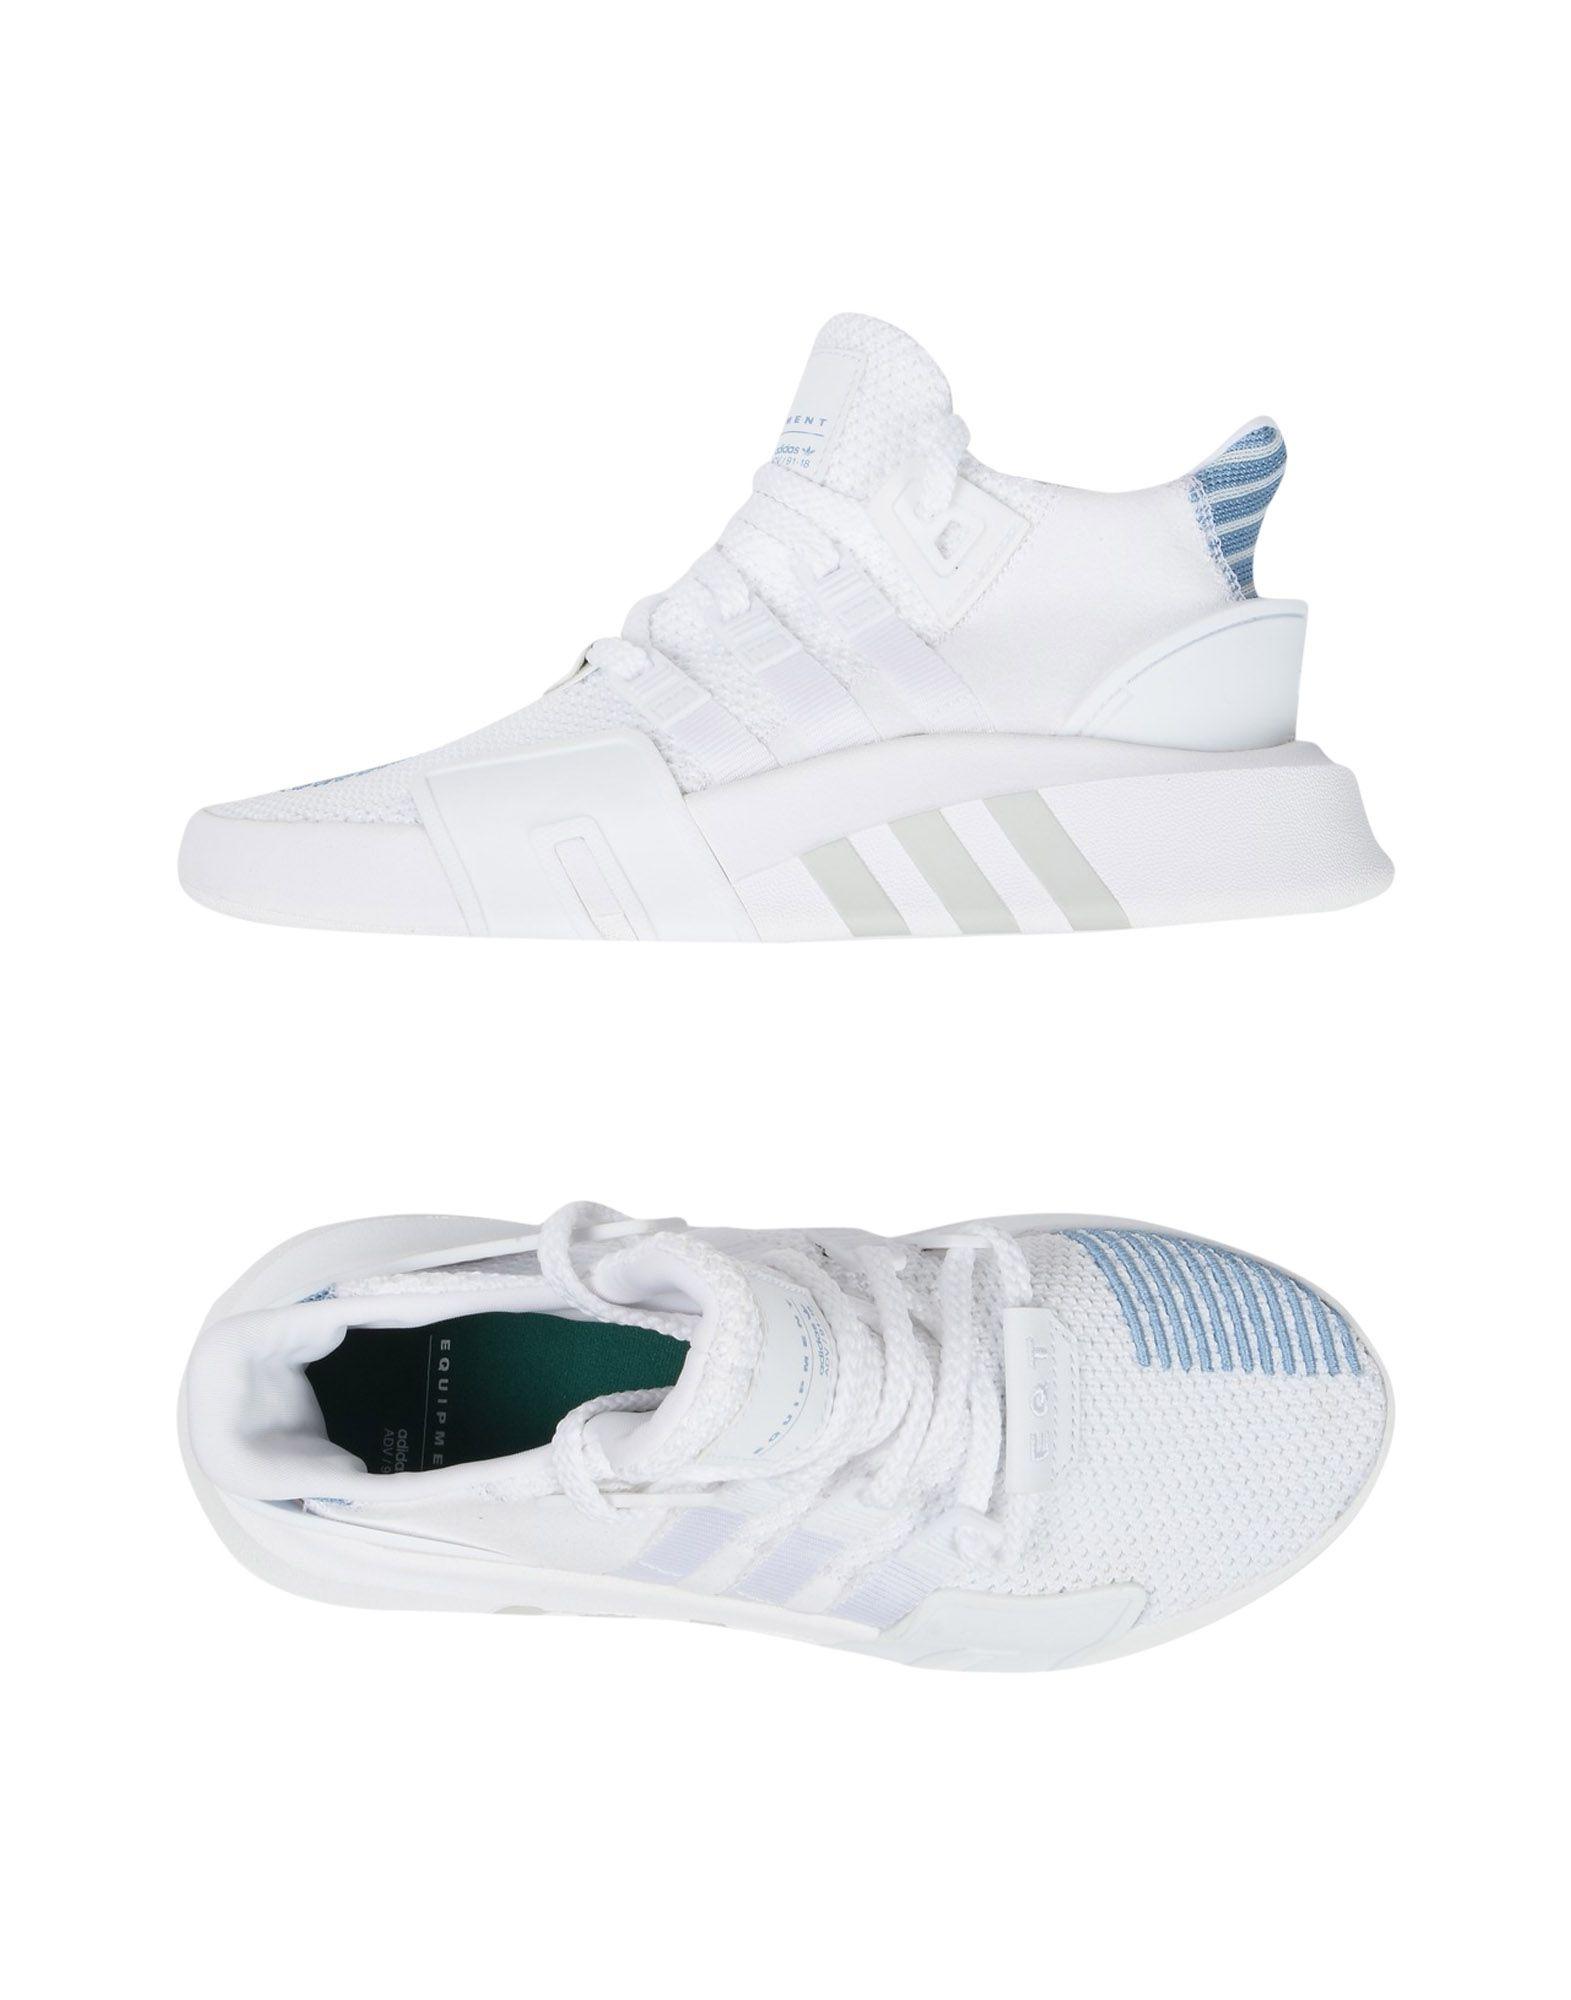 wholesale dealer 7cf55 6c344 ΤΕΝΝΙΣ. Adidas Originals